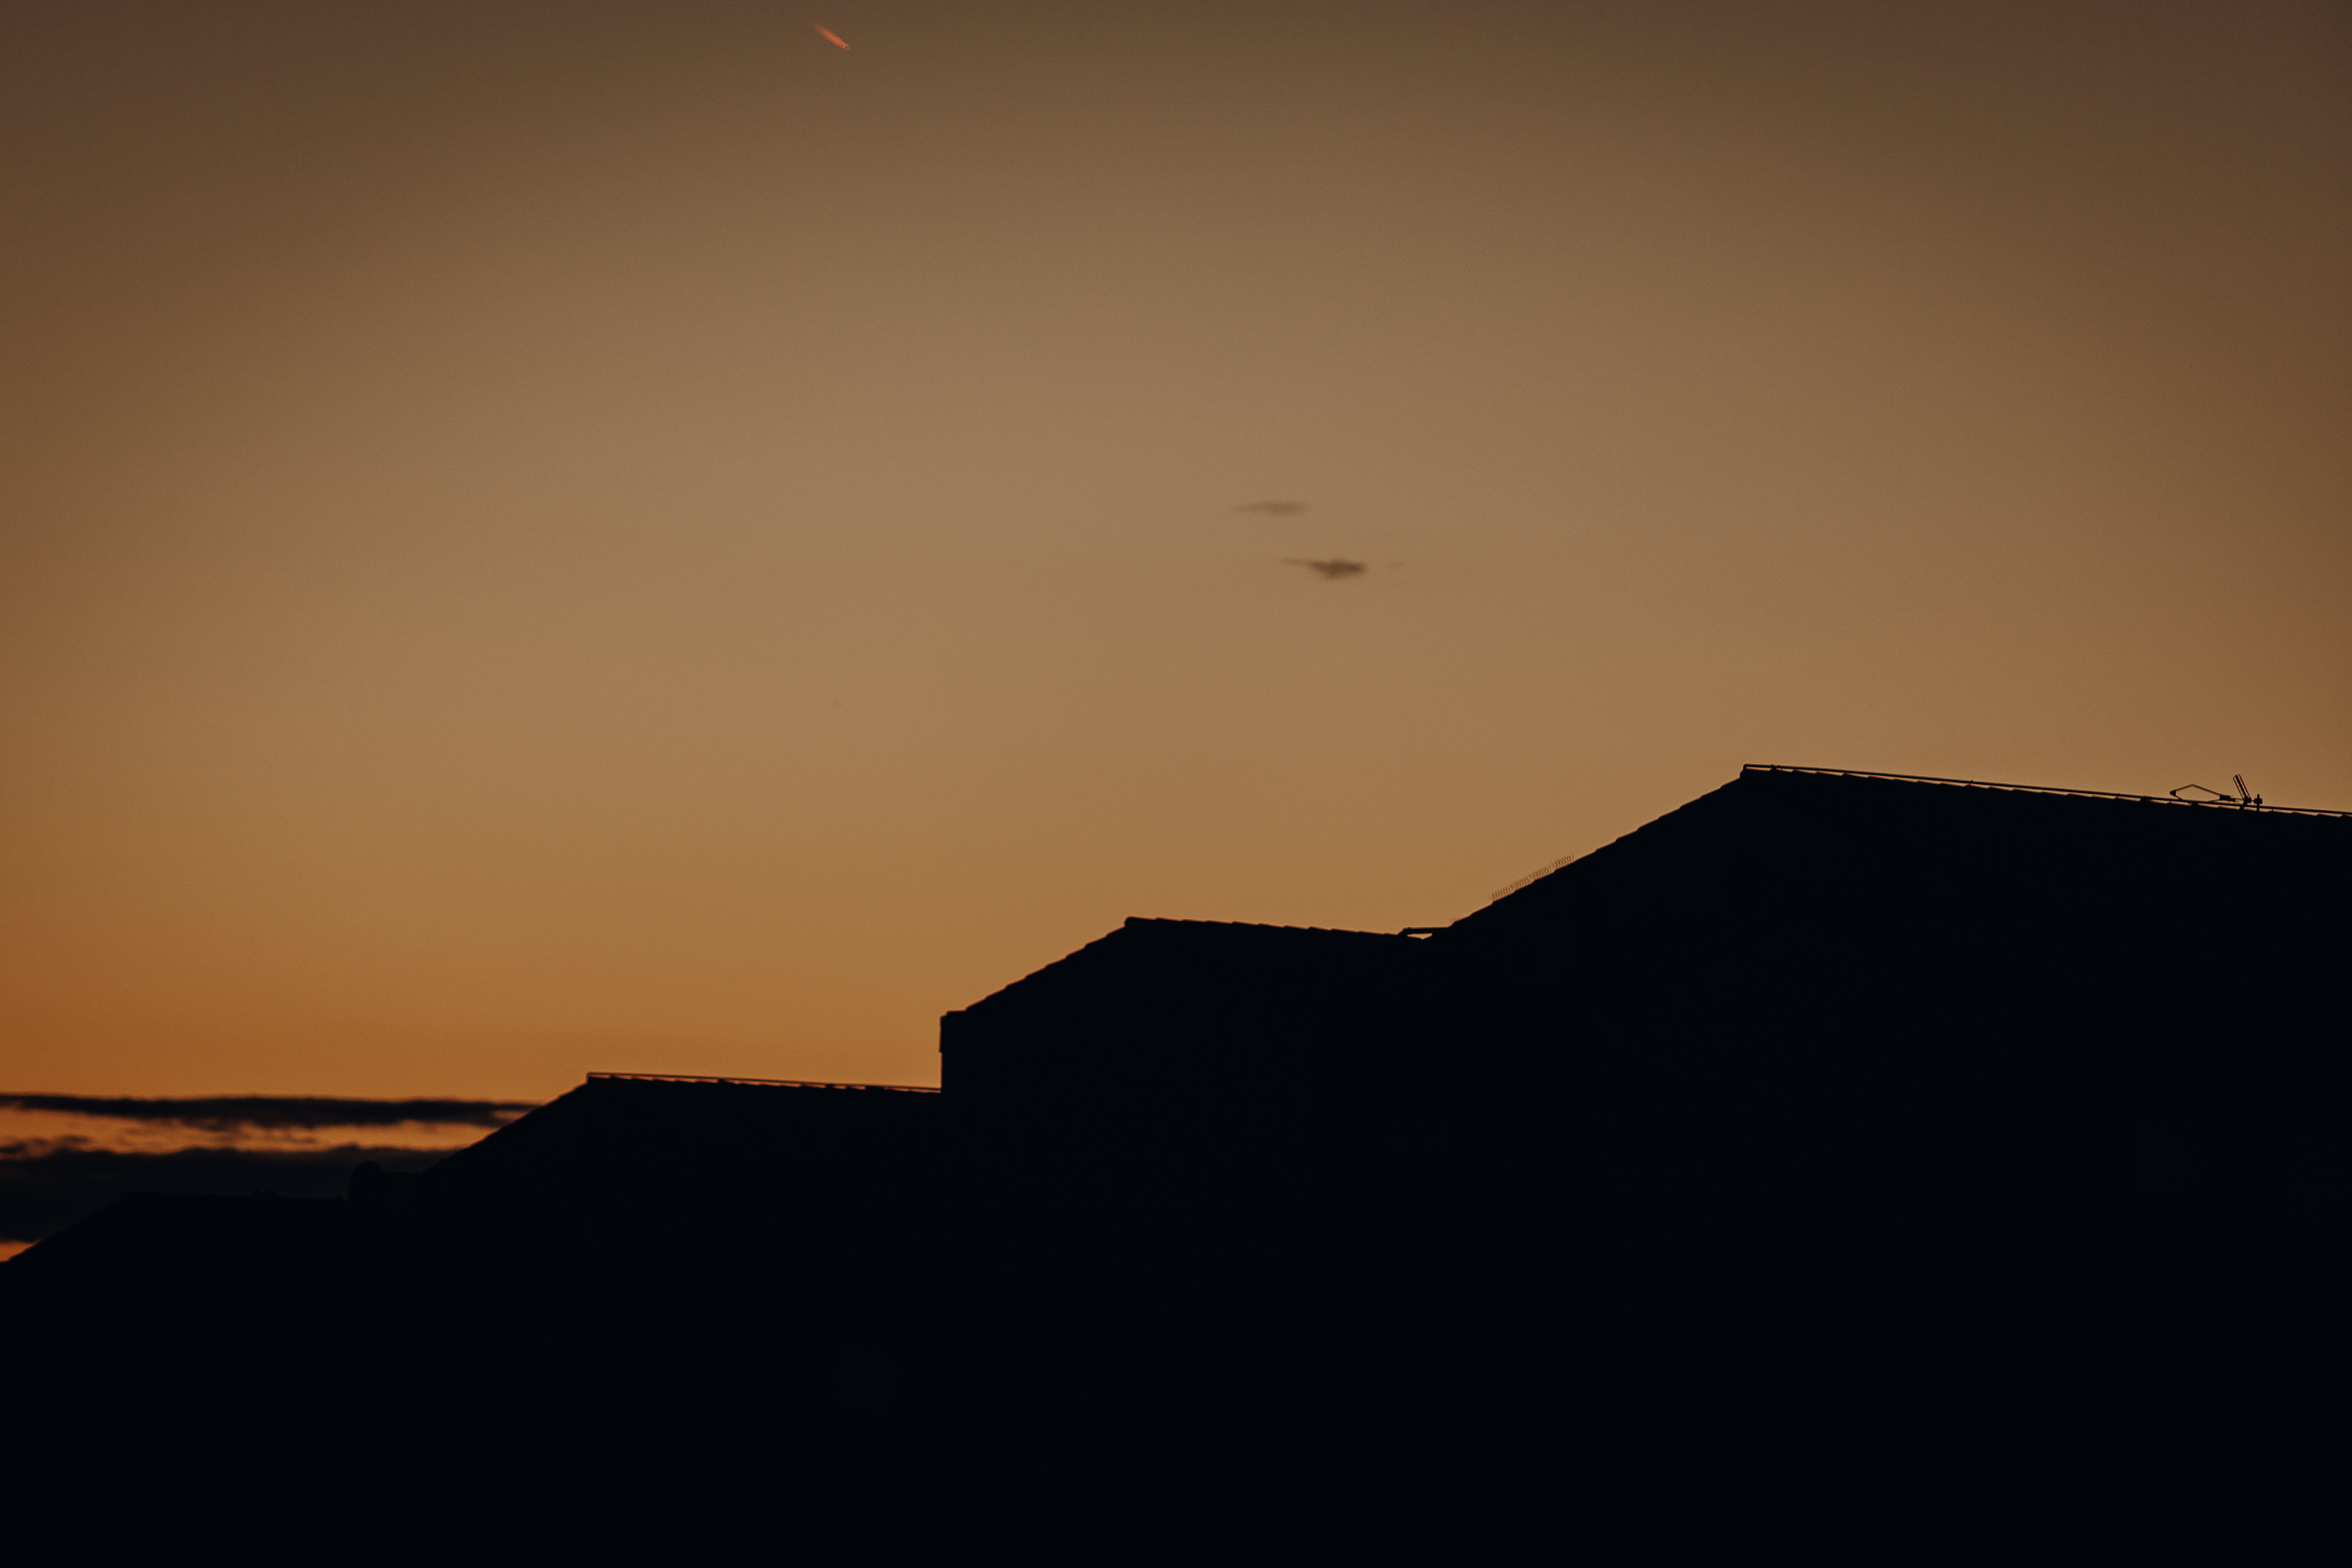 ボディビル, マンション, 夕空, 日没の無料の写真素材